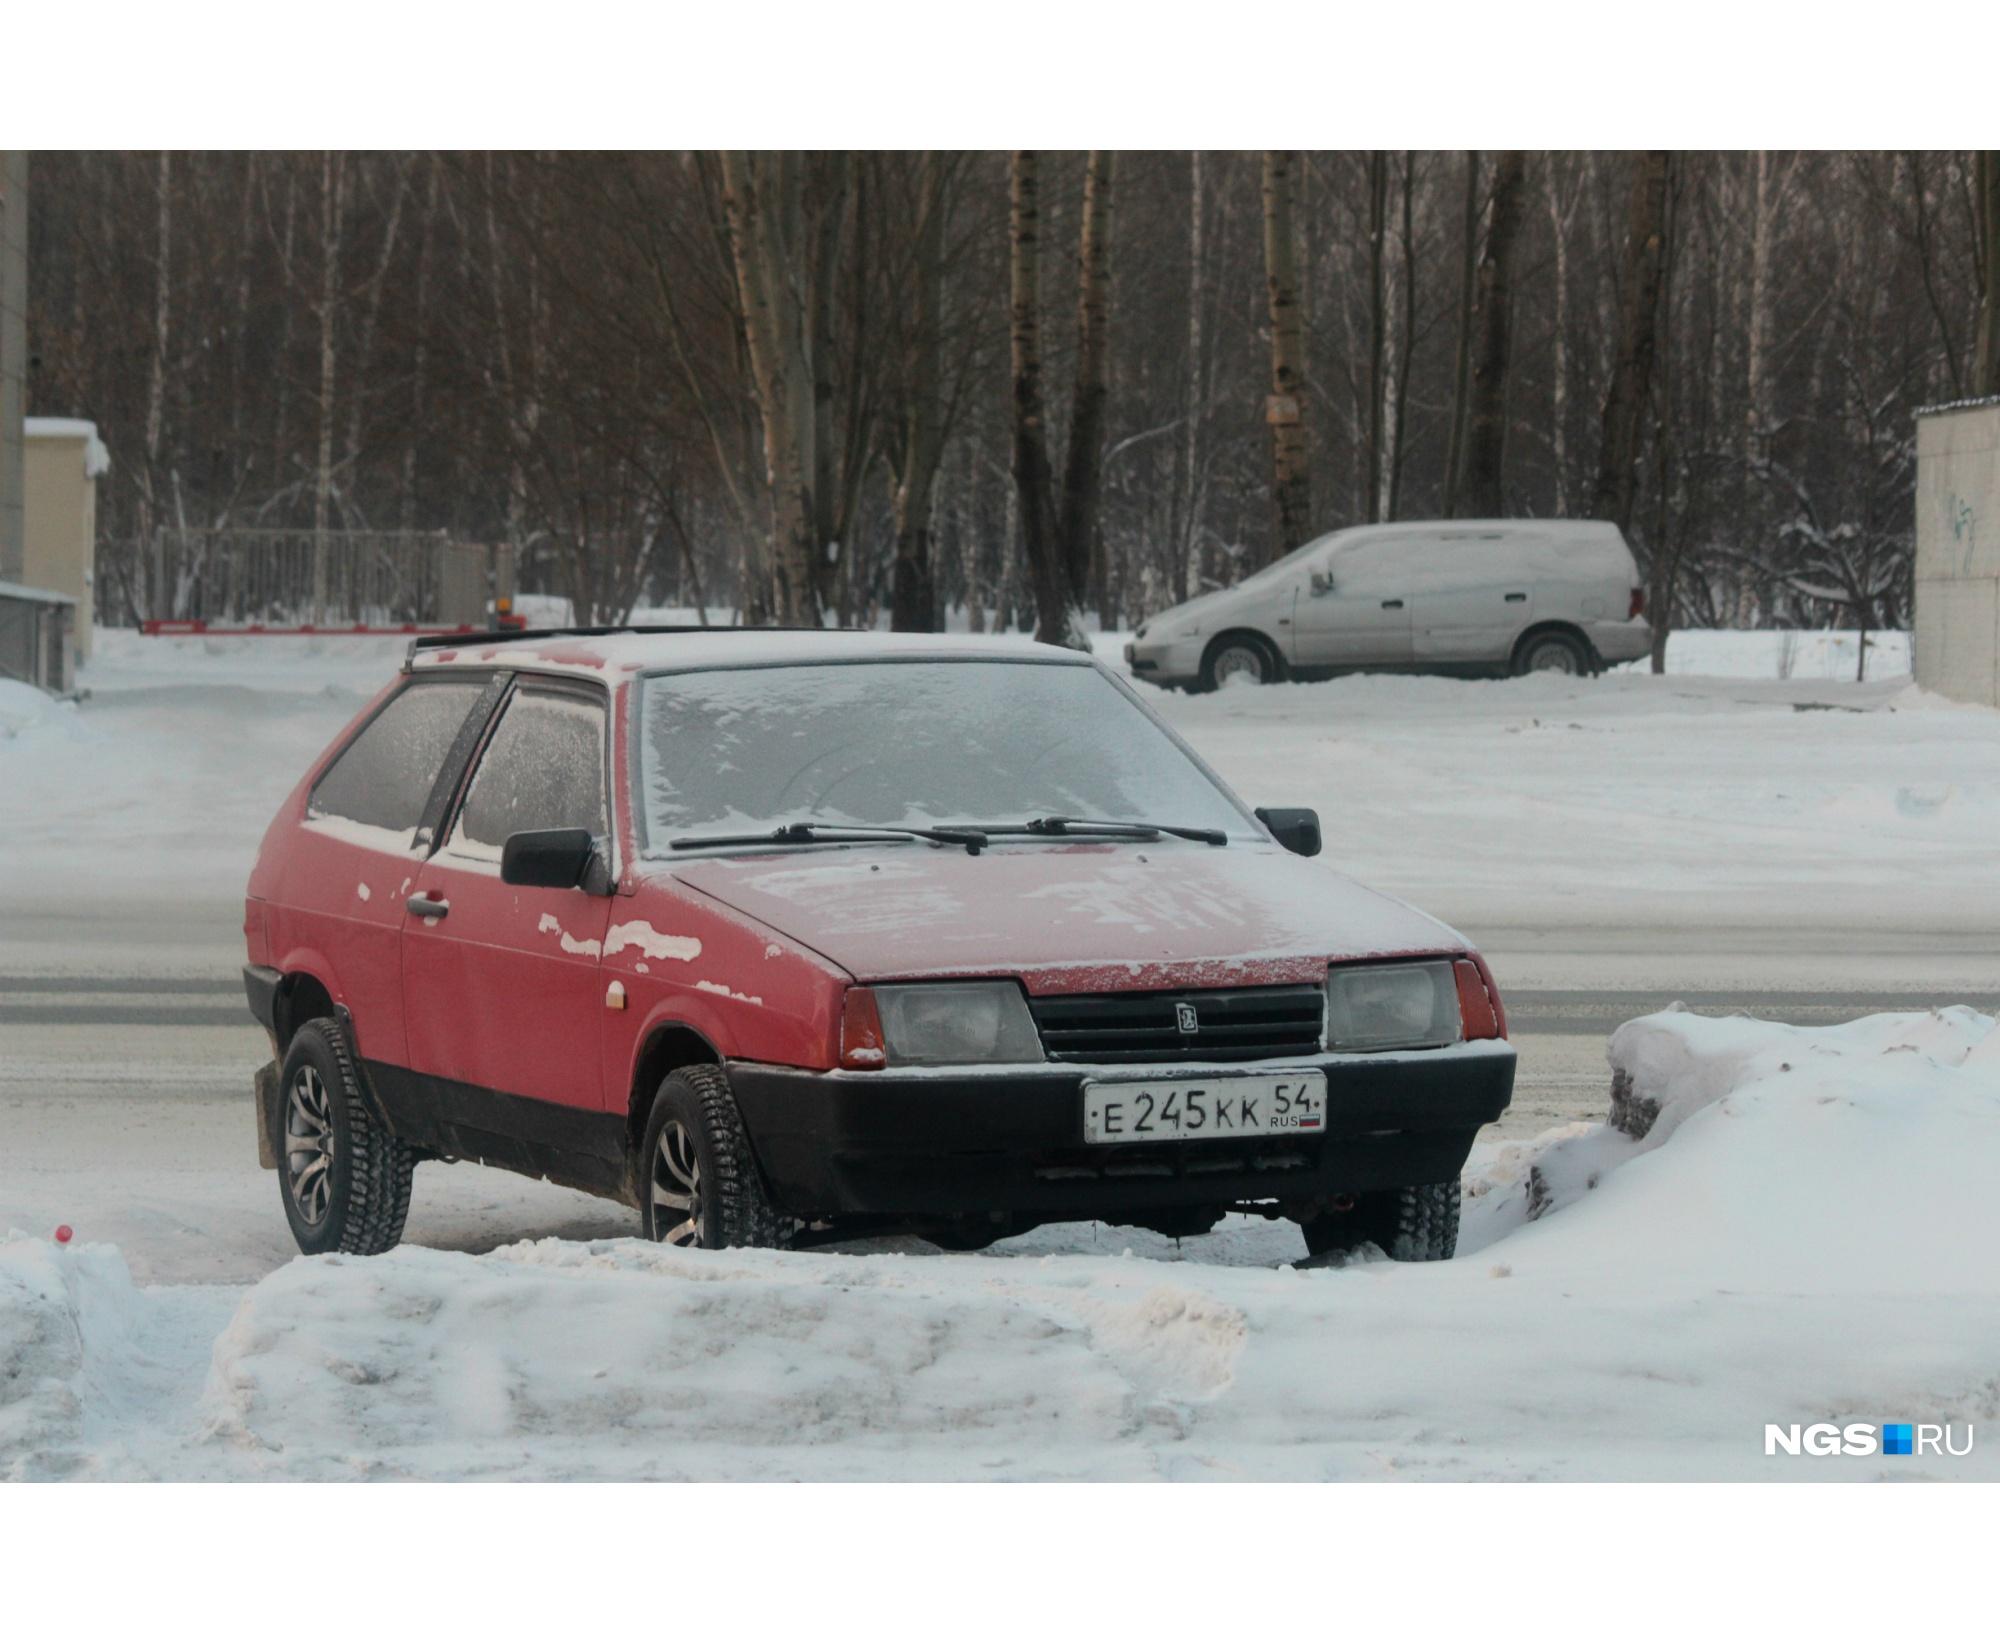 Никуда не ехать на личном автомобиле 1 января — неплохая идея